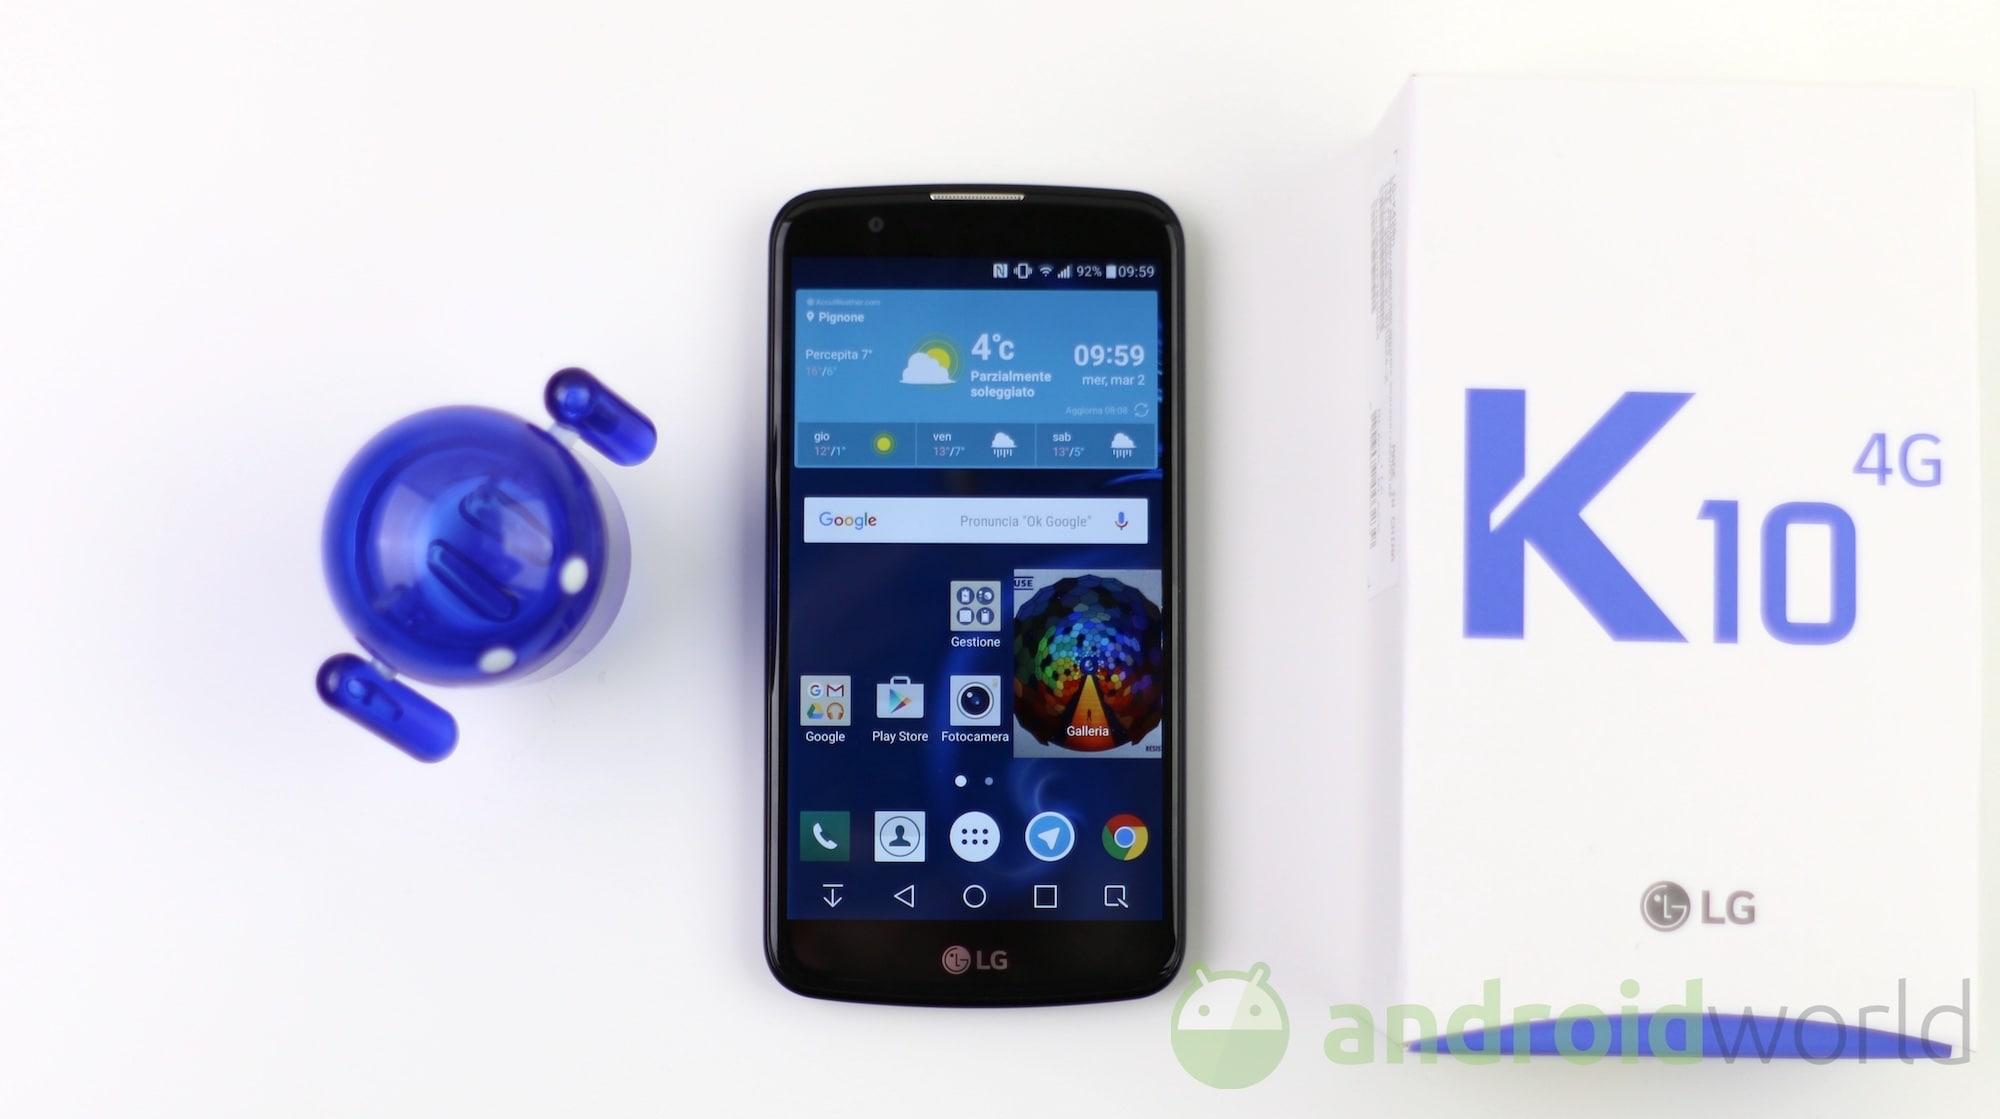 LG K10 4G – 3